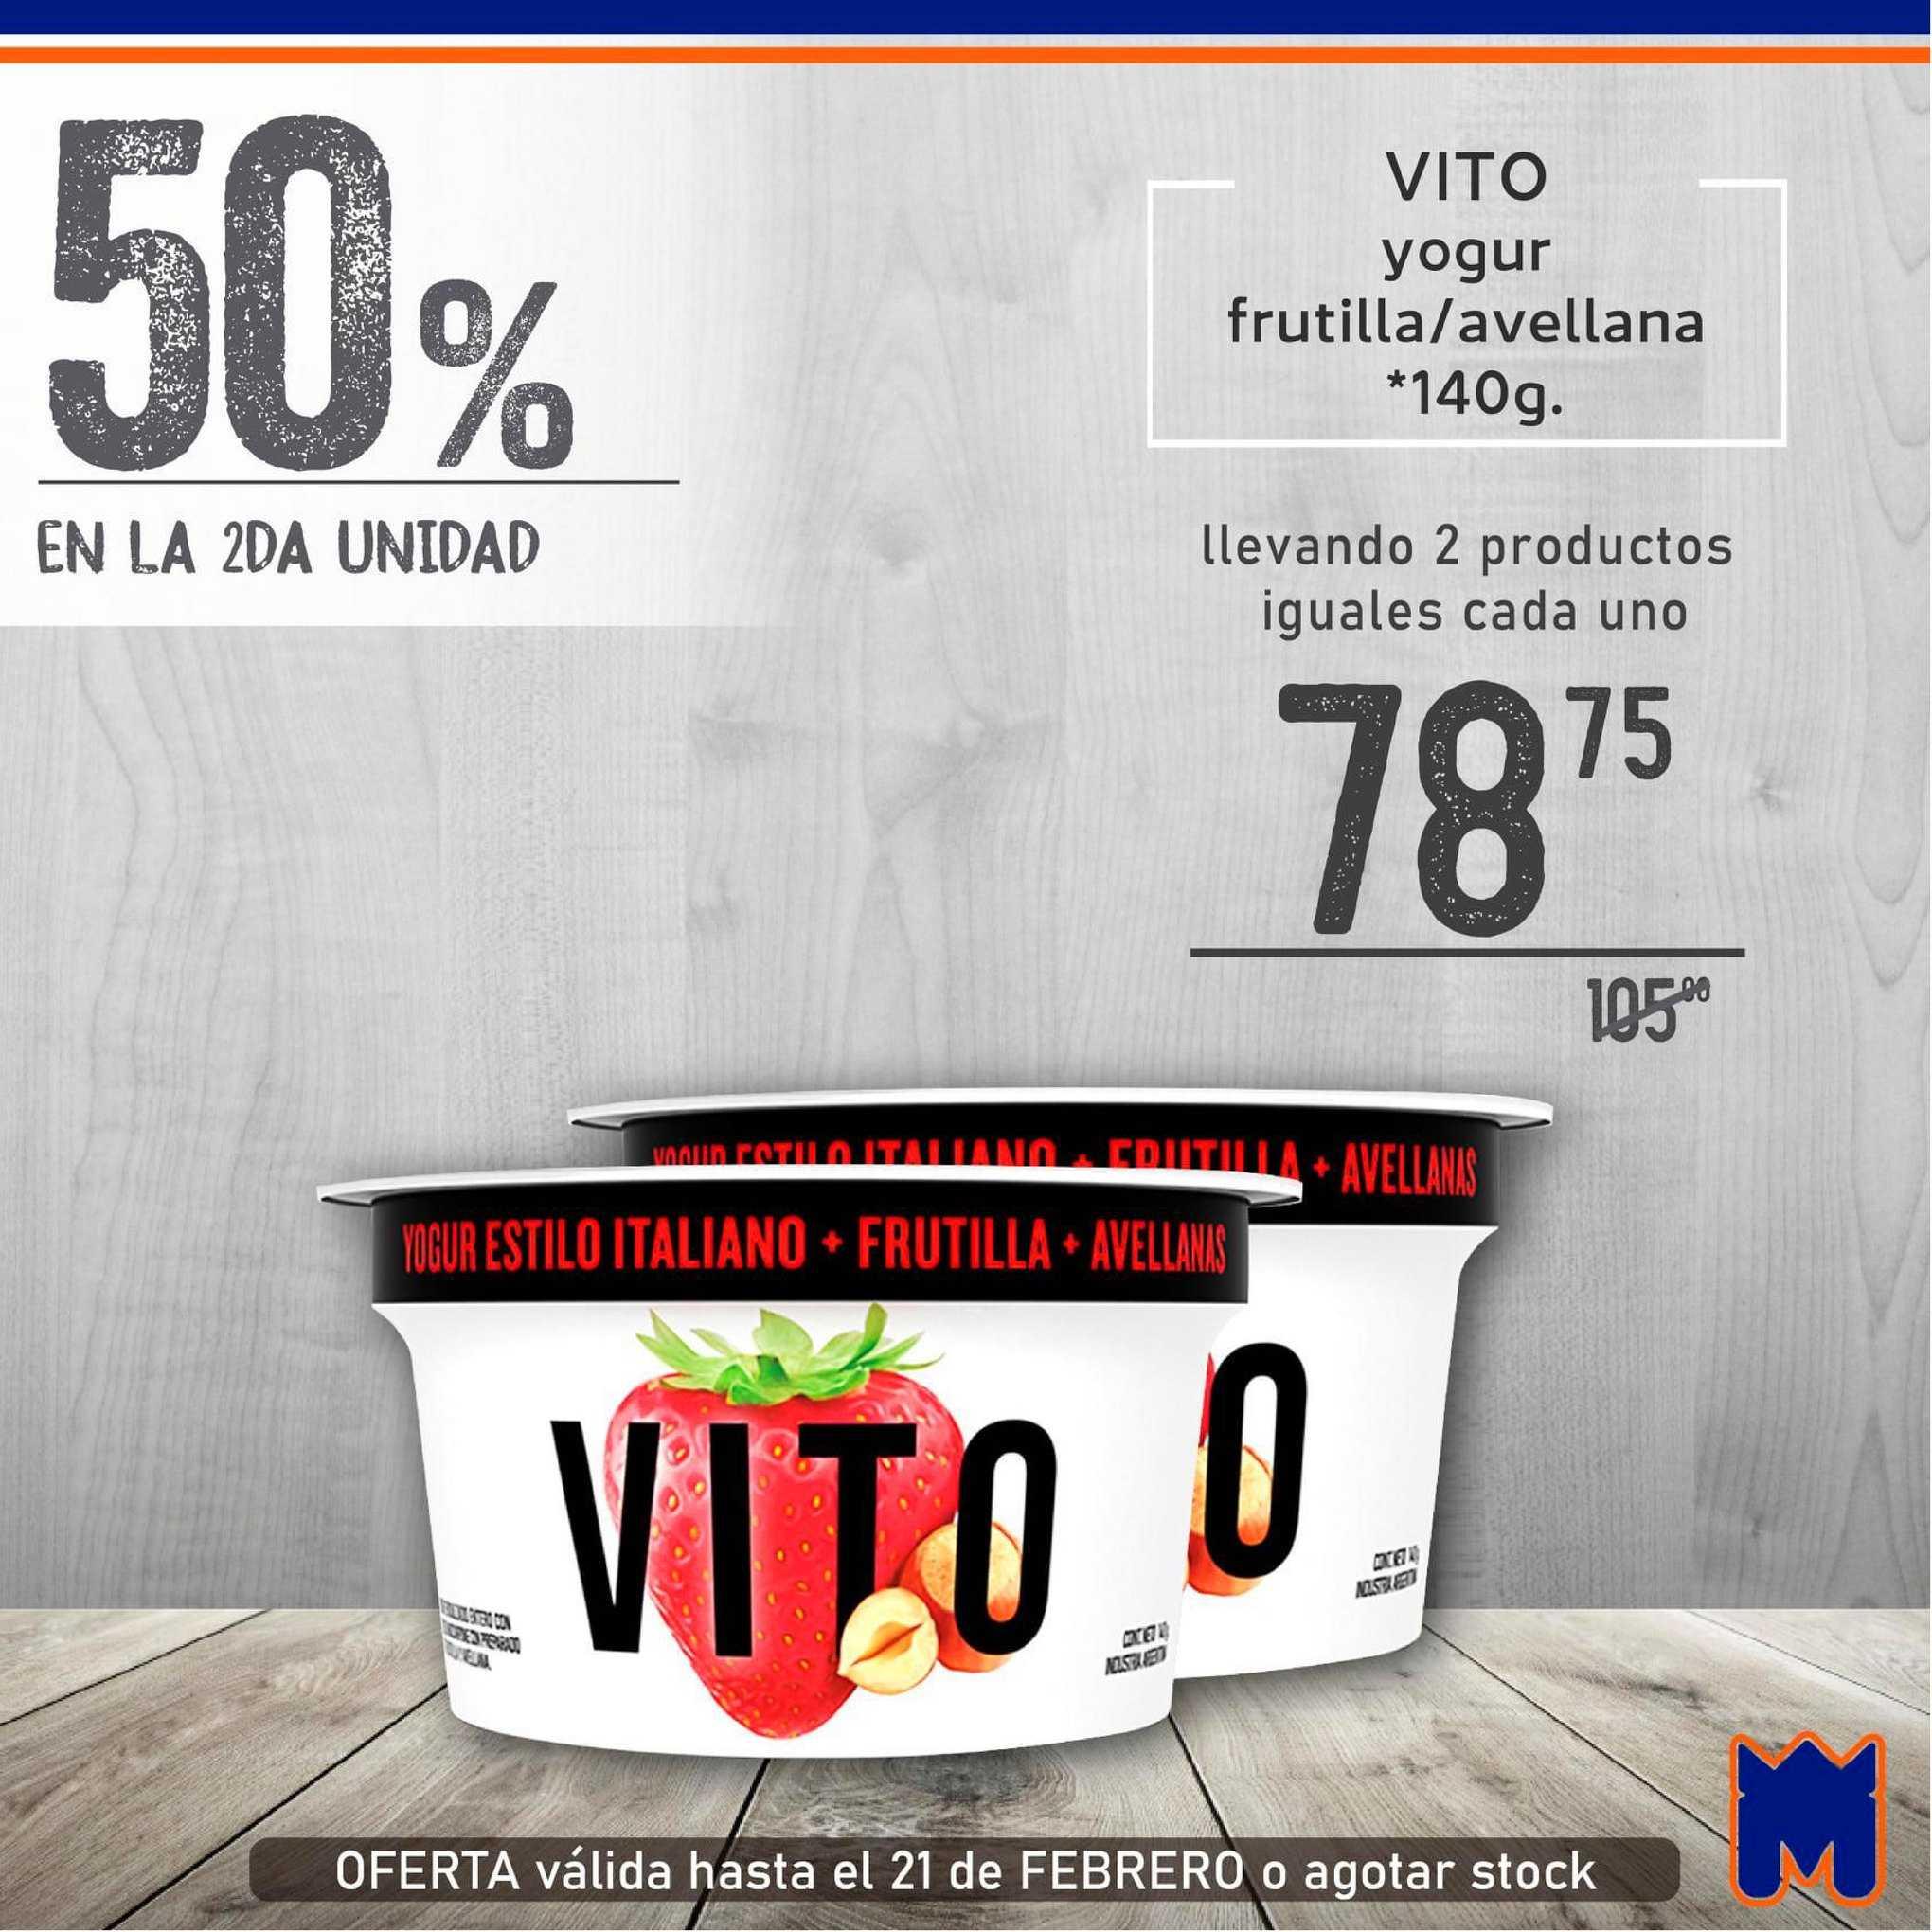 Supermercados Monarca Vito Yogur Frutilla-avellana